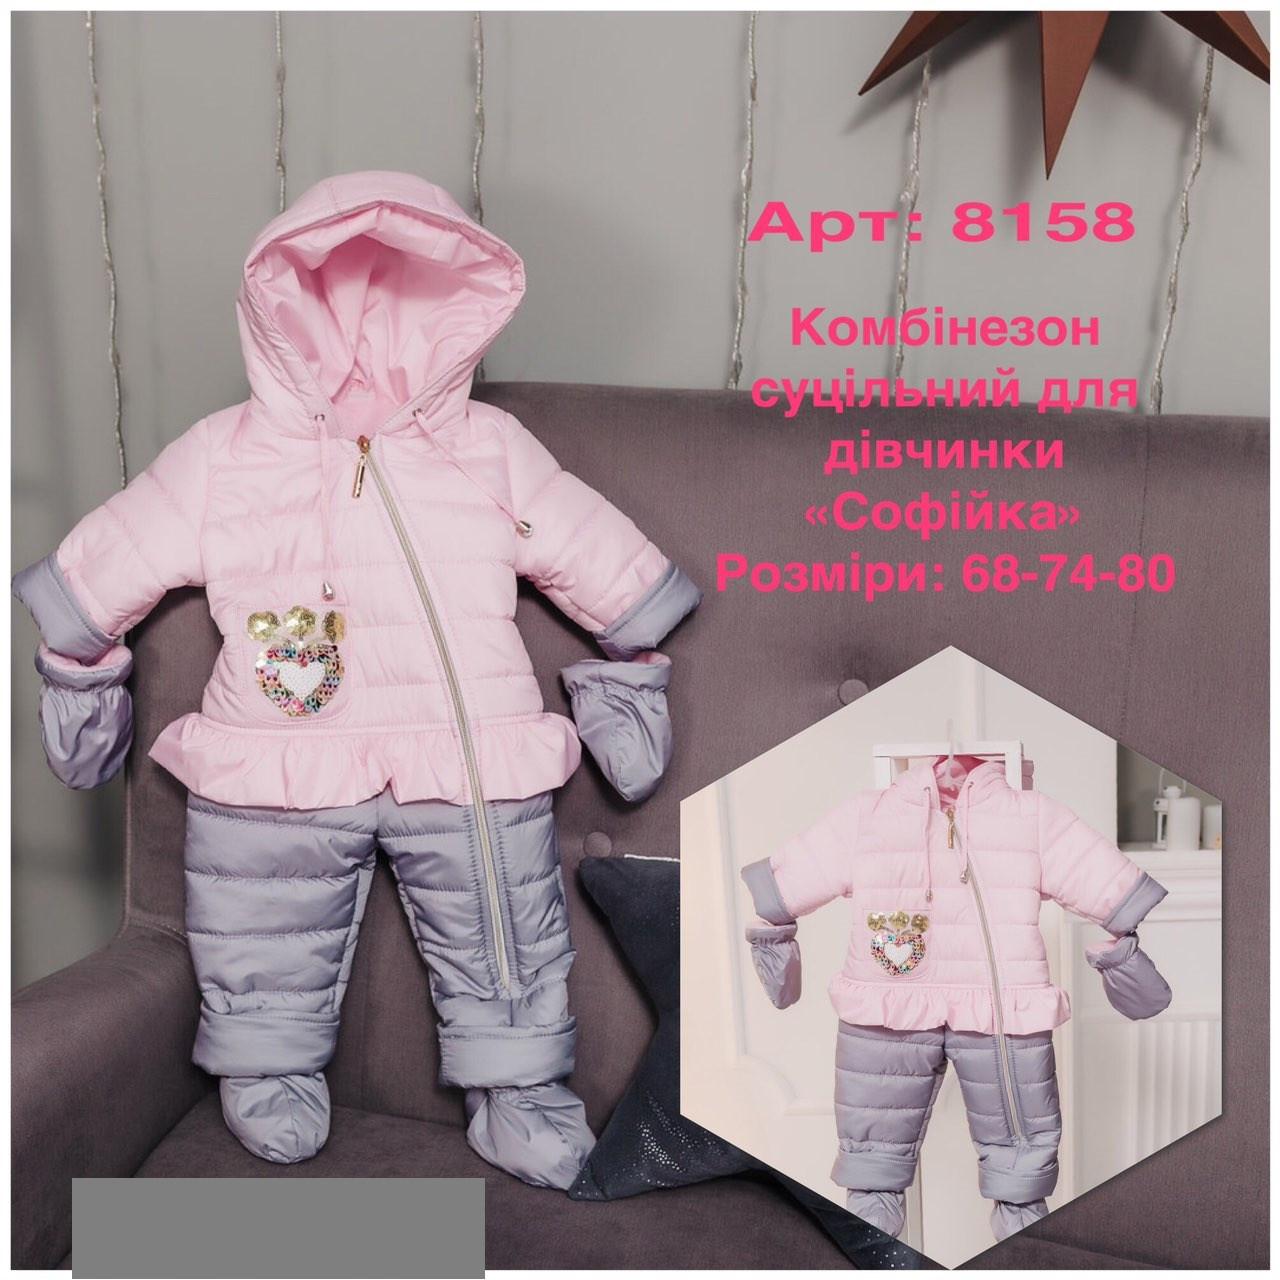 Детский комбинезон демисезонный для девочки Софийка, 68-74-80